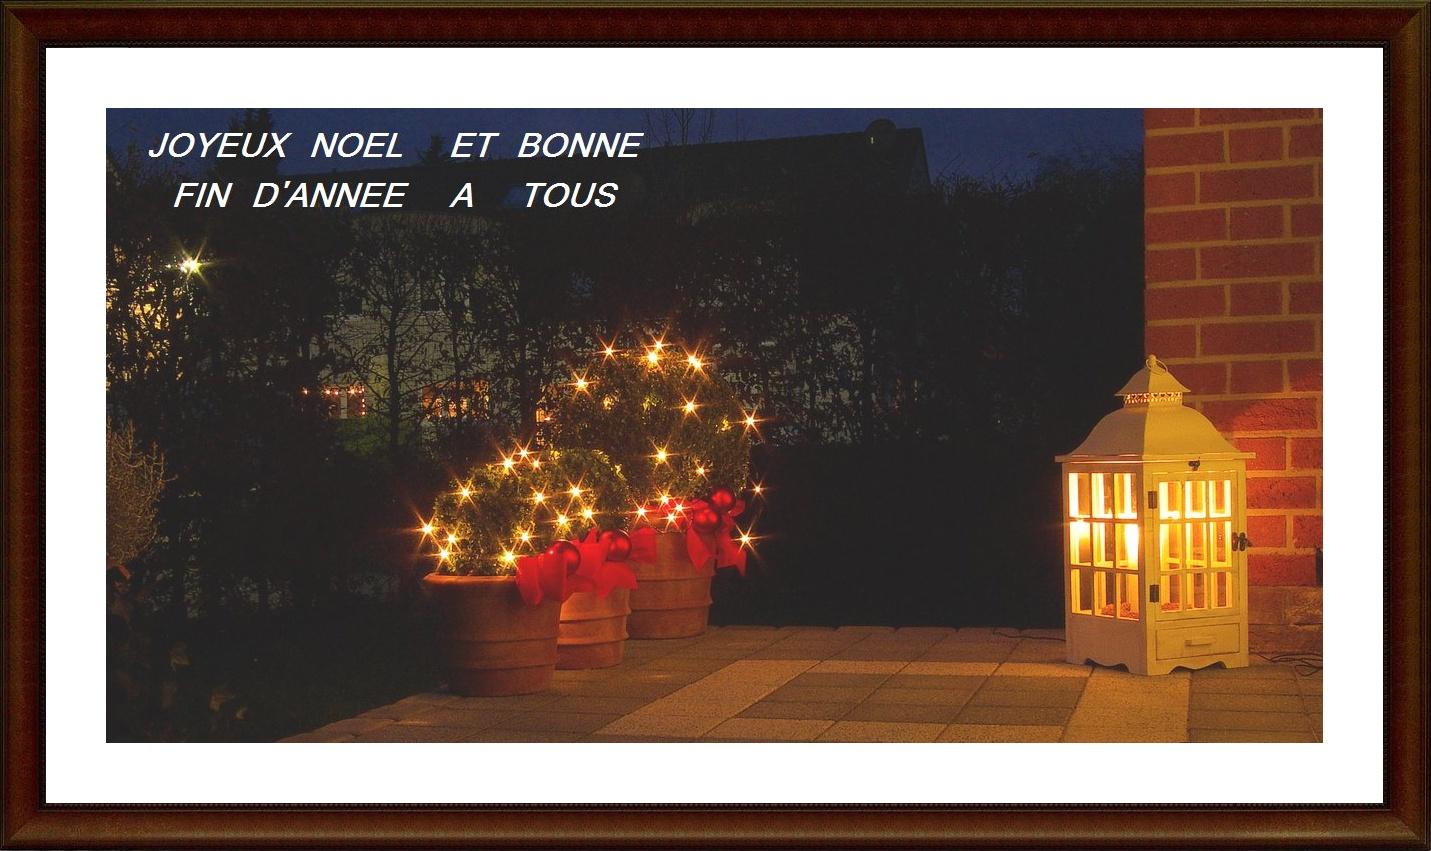 Joyeux Noêl et Bonne Année